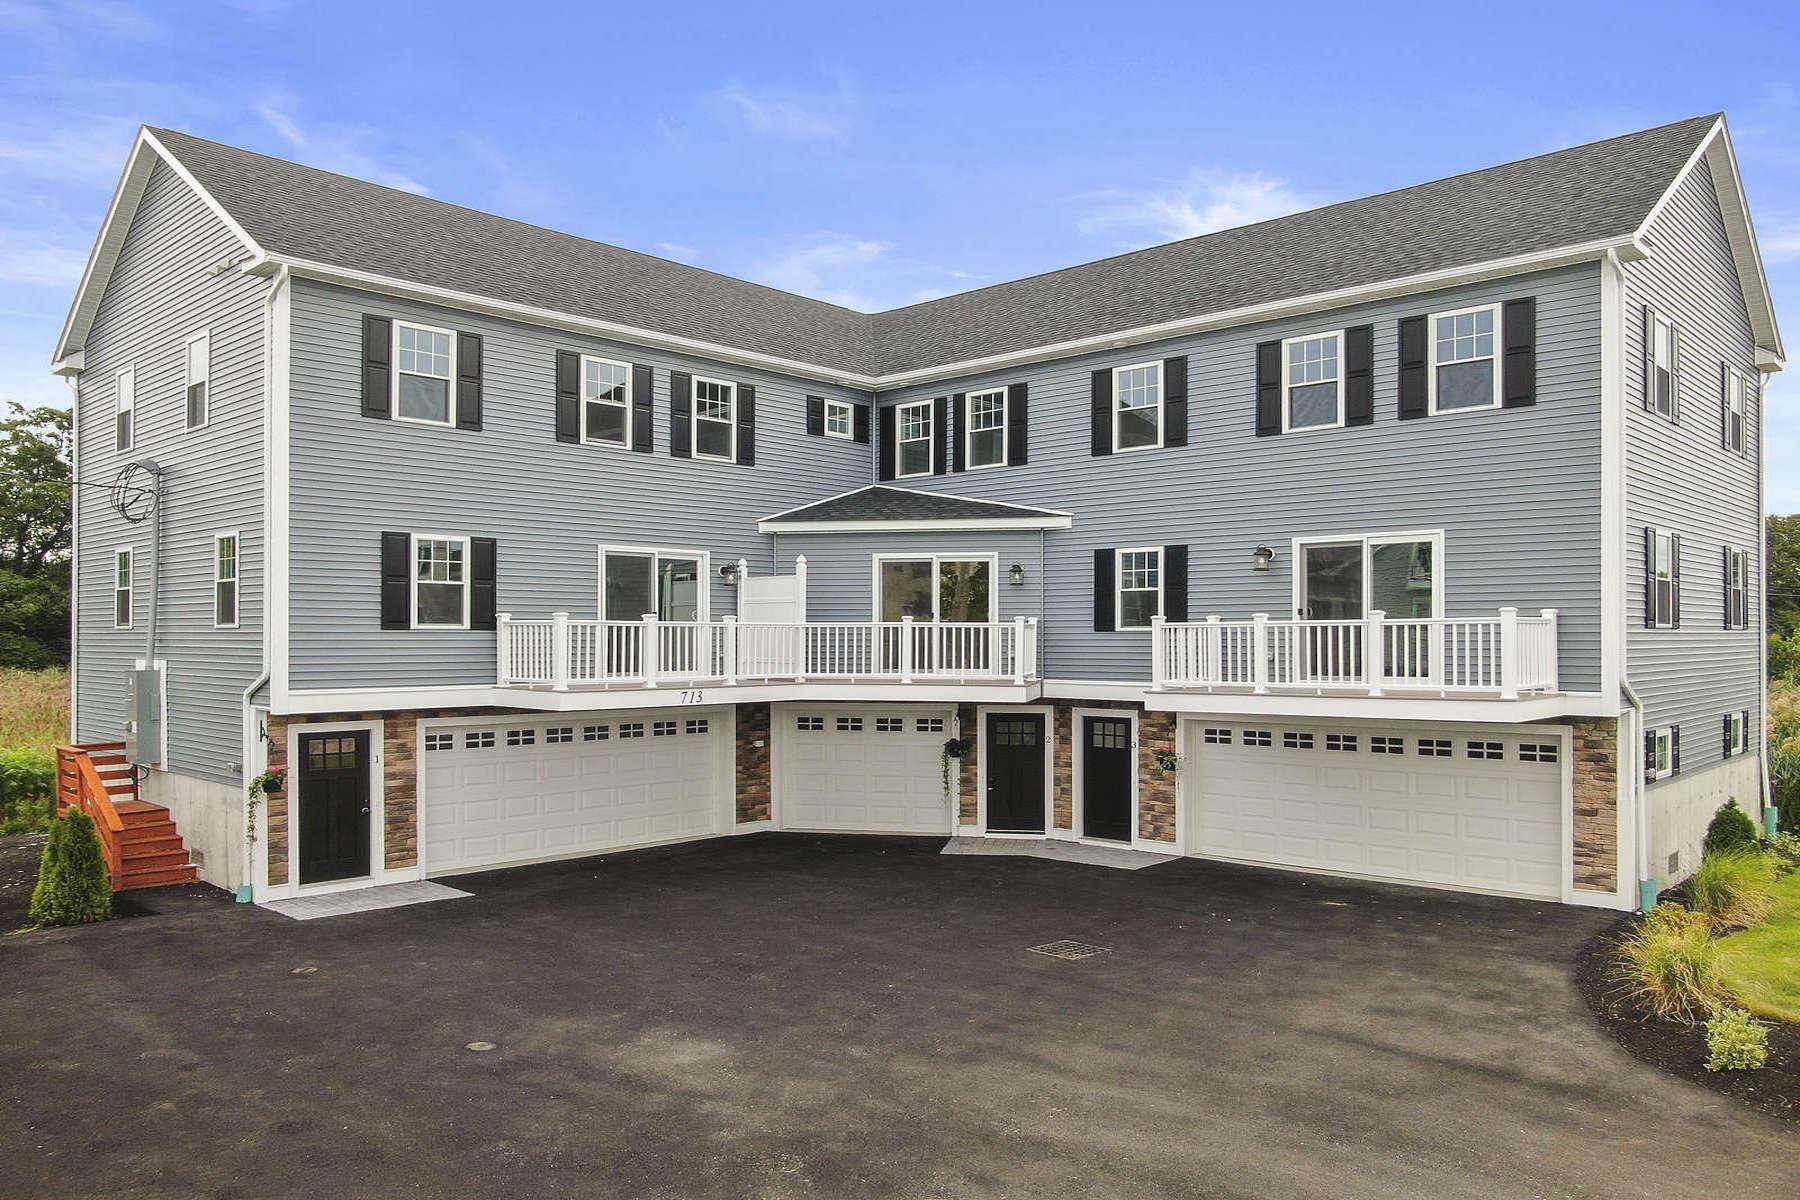 Condominiums 为 销售 在 713 Sea Street, Unit 3 713 Sea St 3 昆西, 马萨诸塞州 02169 美国